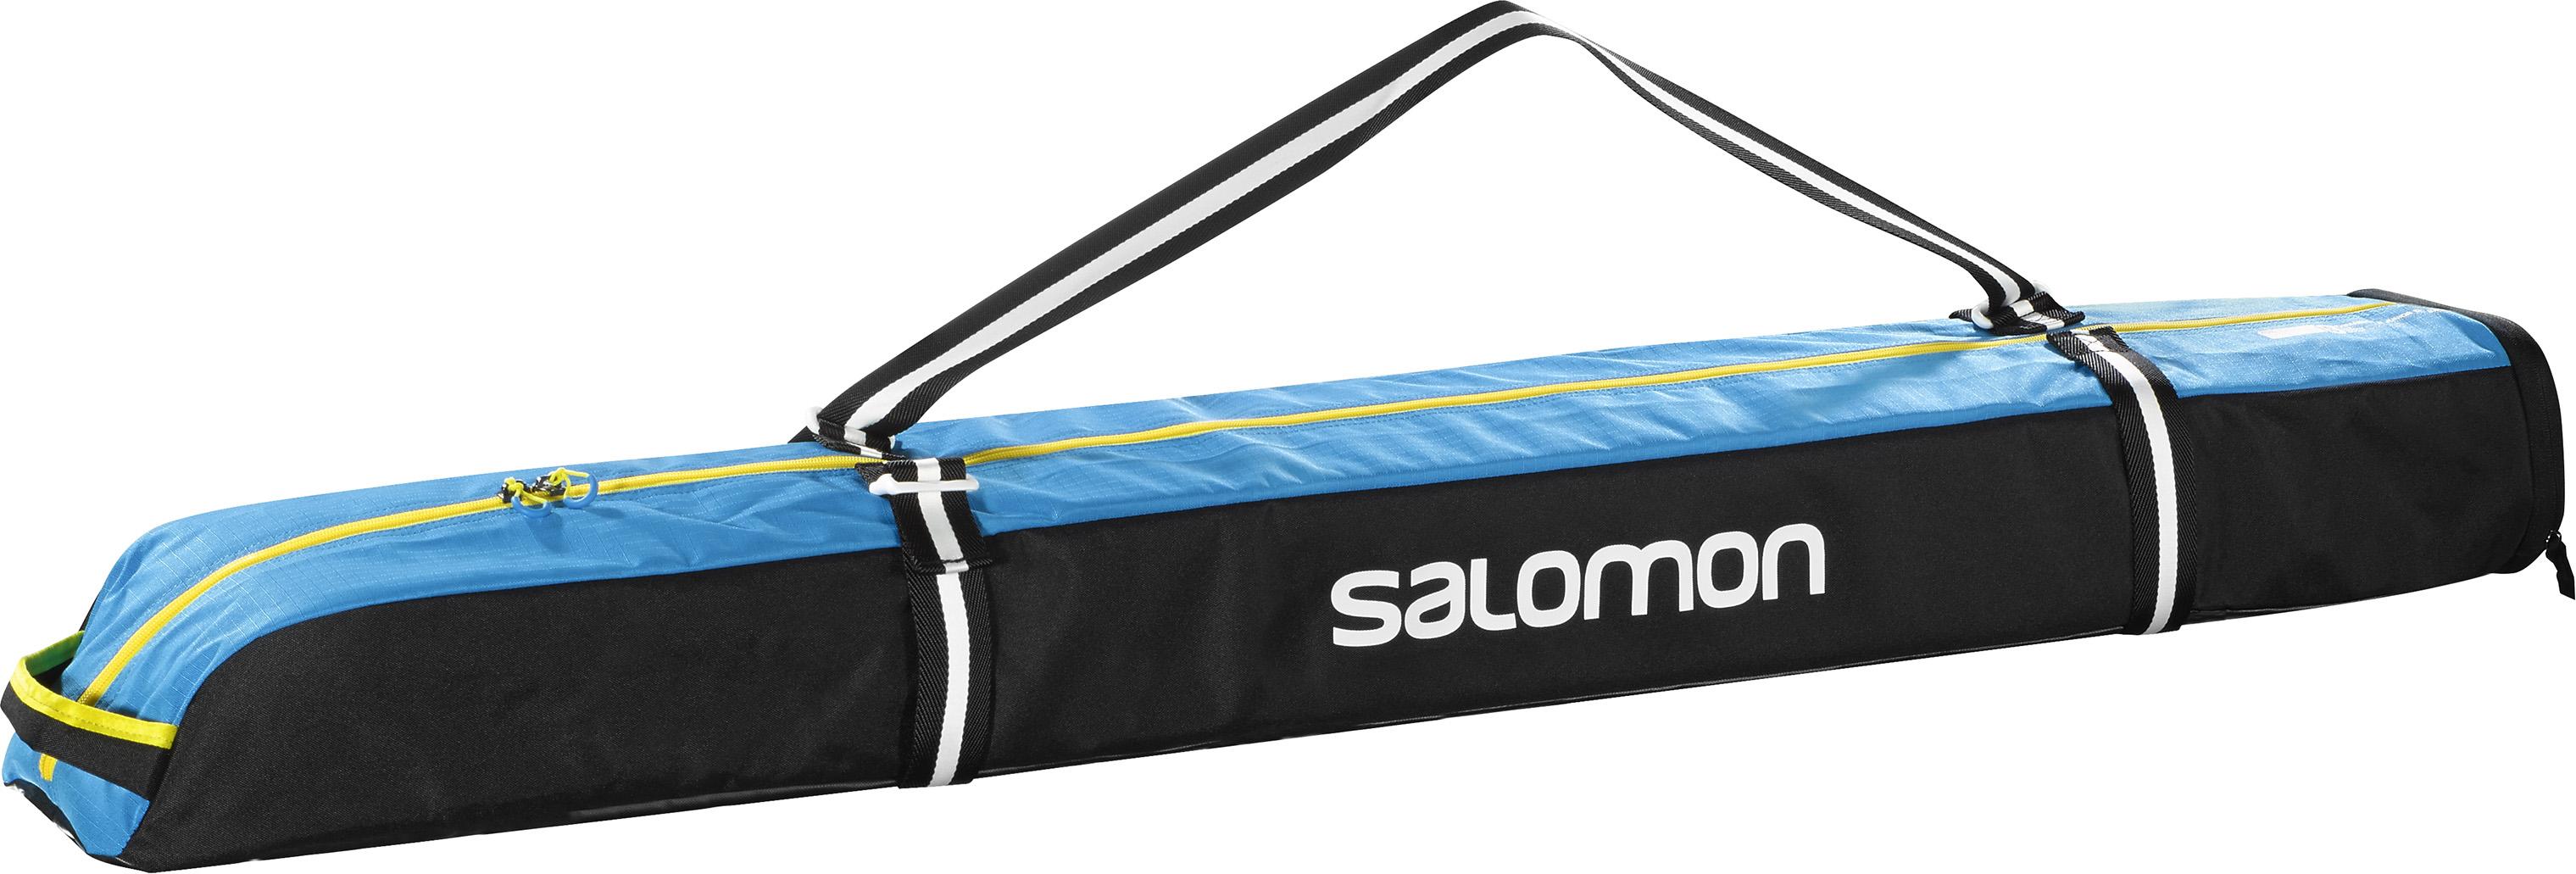 Salomon Чехол для горных лыж Salomon Extend 1P 130+25 см ботинки для горных лыж в украине